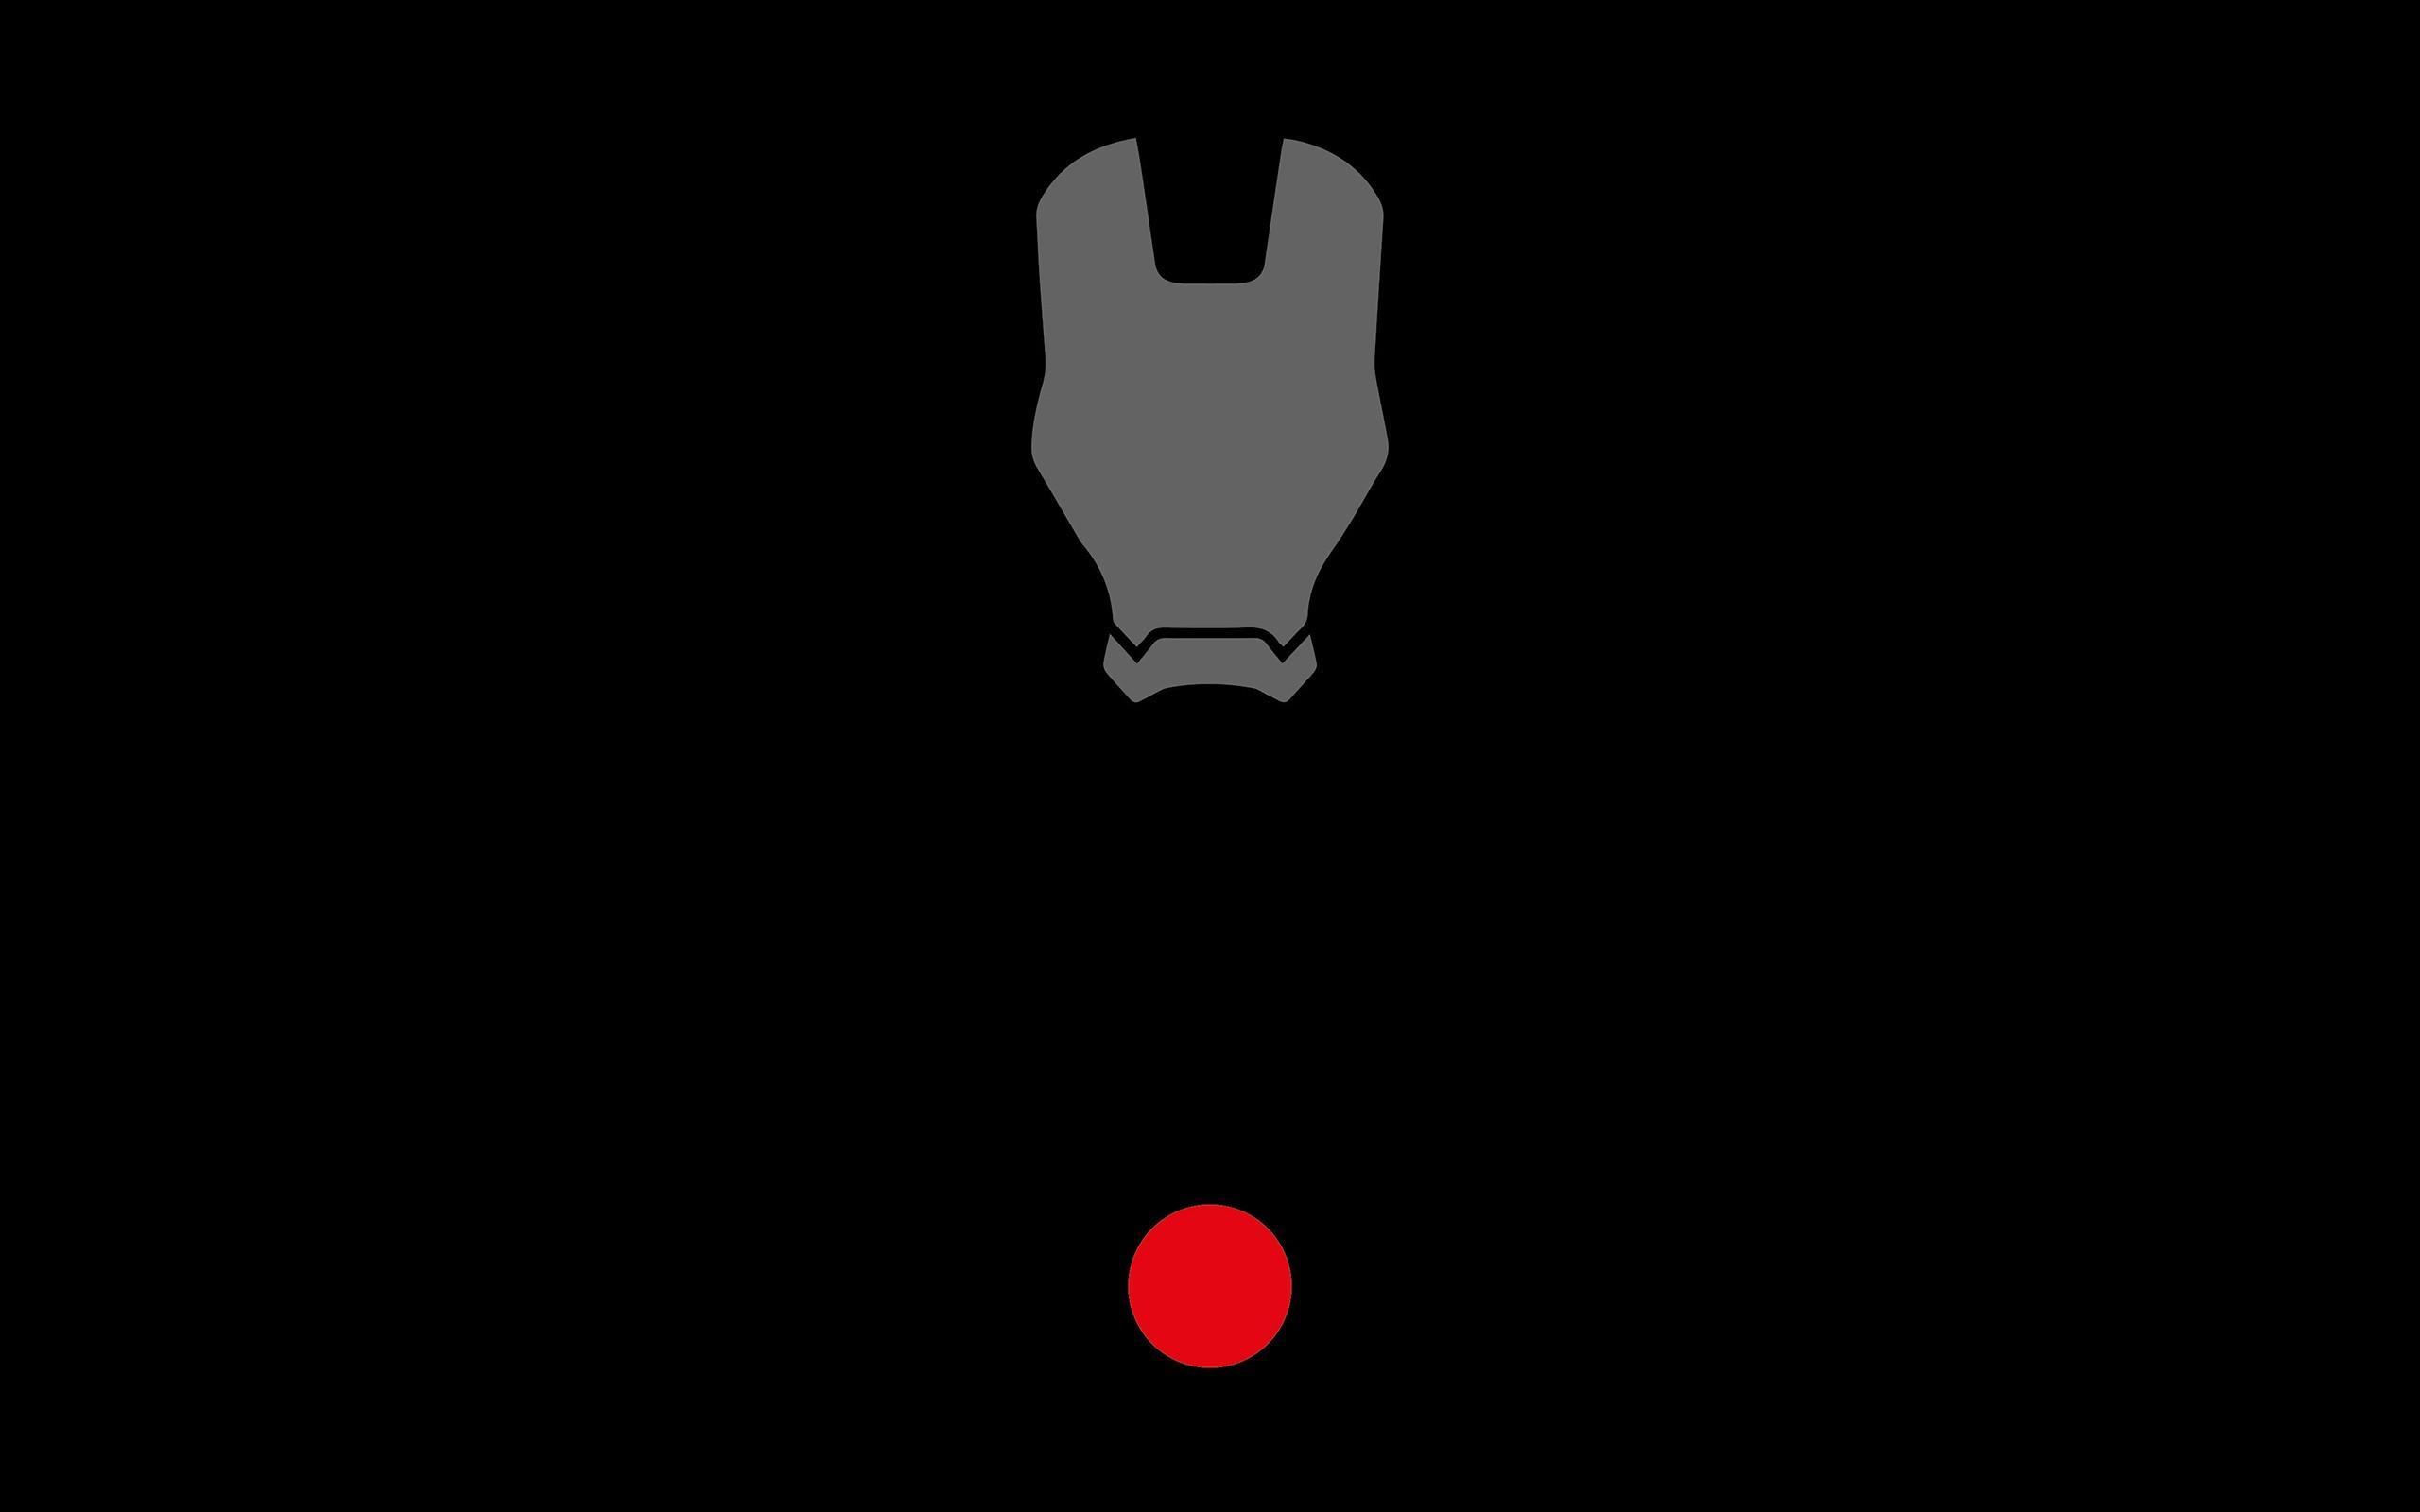 Iron Man Wallpaper 34447: Iron Man 4K Wallpaper (63+ Images